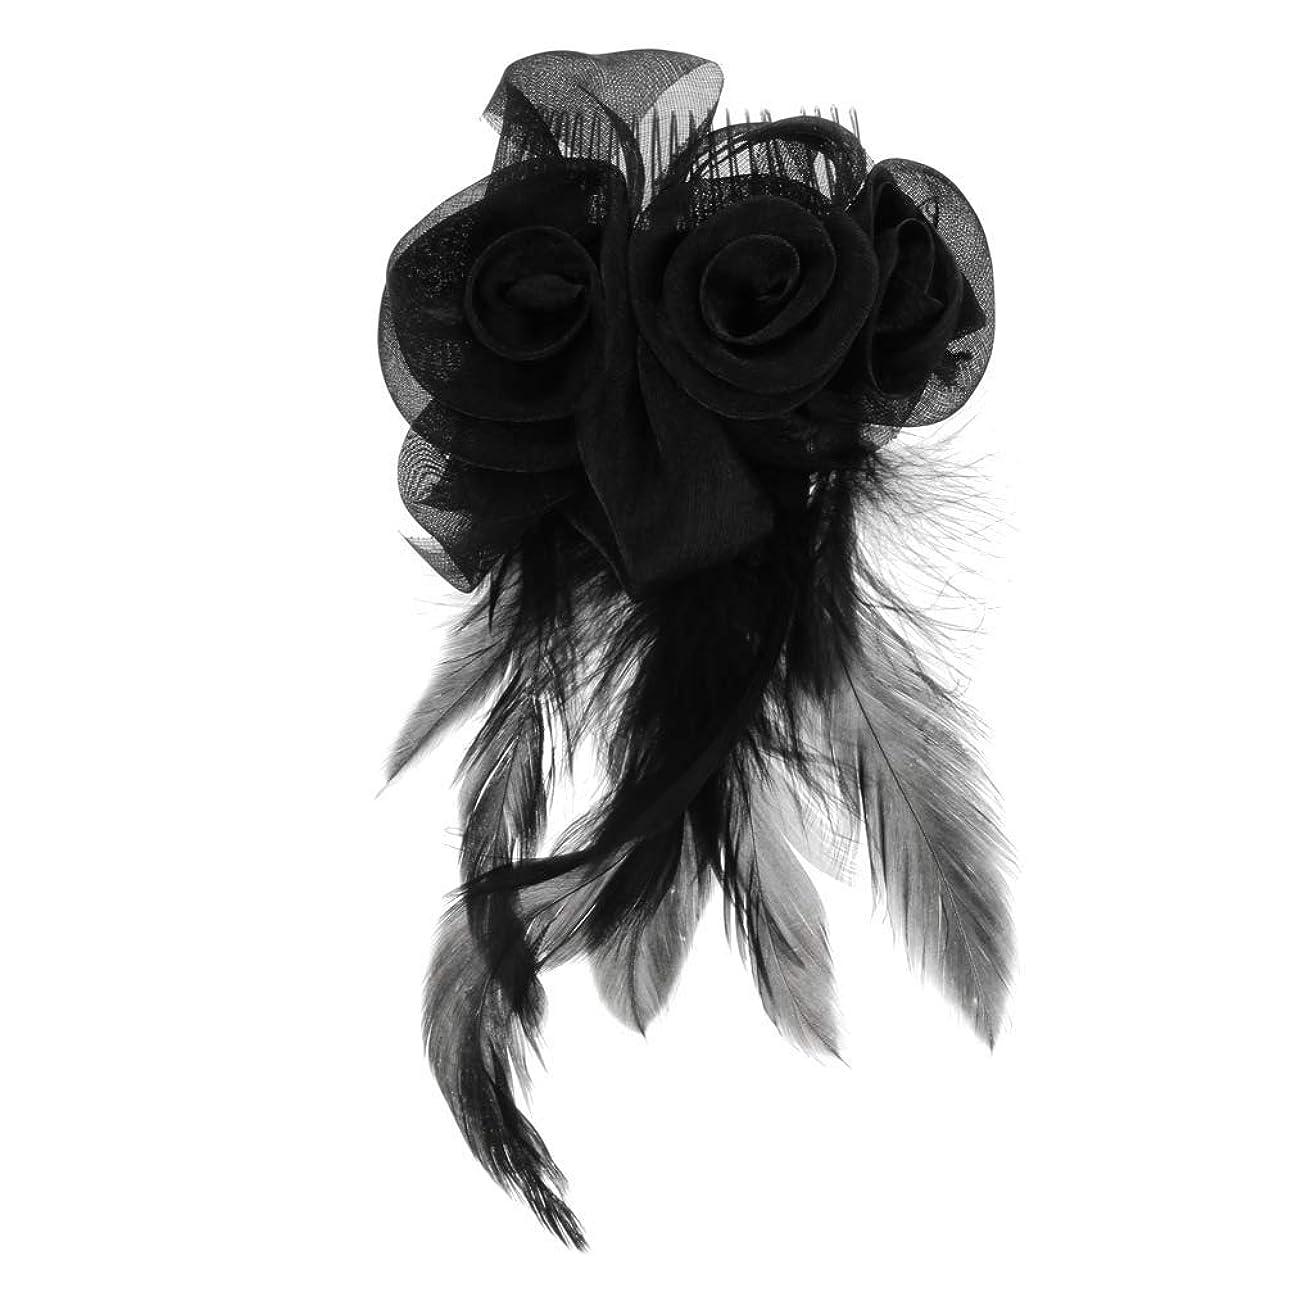 服を片付ける申請者ジェーンオースティンGUANG-HOME 羽生地ローズフラワーヘッドバンド髪くし茶パーティーレースは女性女性黒のための魅力的なドレスアップ